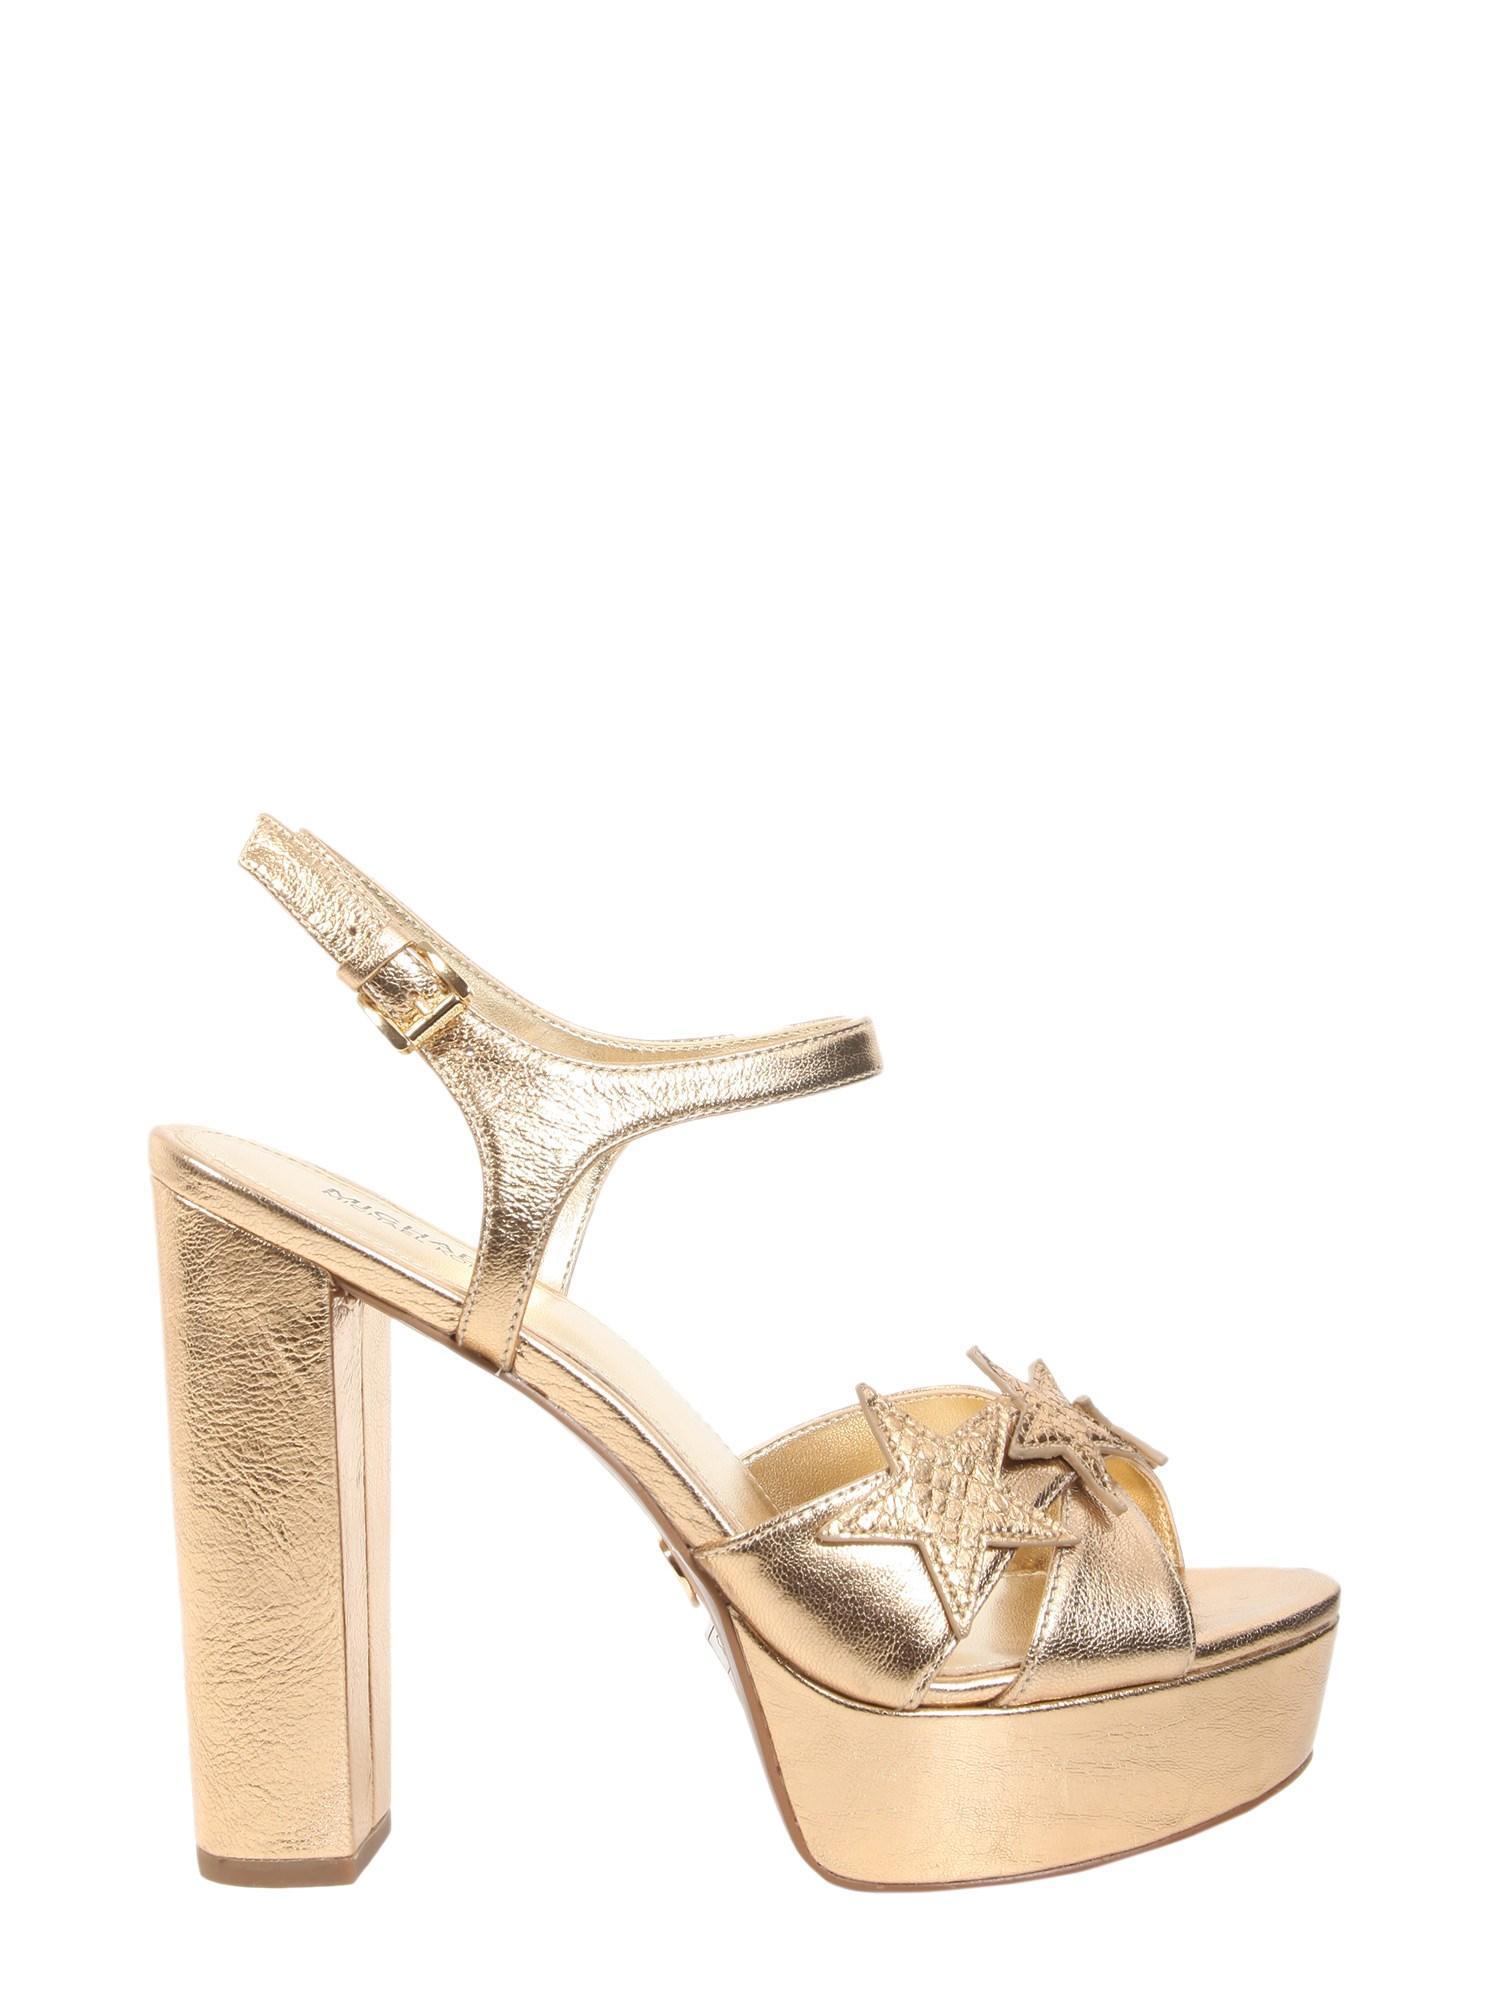 cec368509a77 Michael Michael Kors Lexie Platform Sandals In Gold